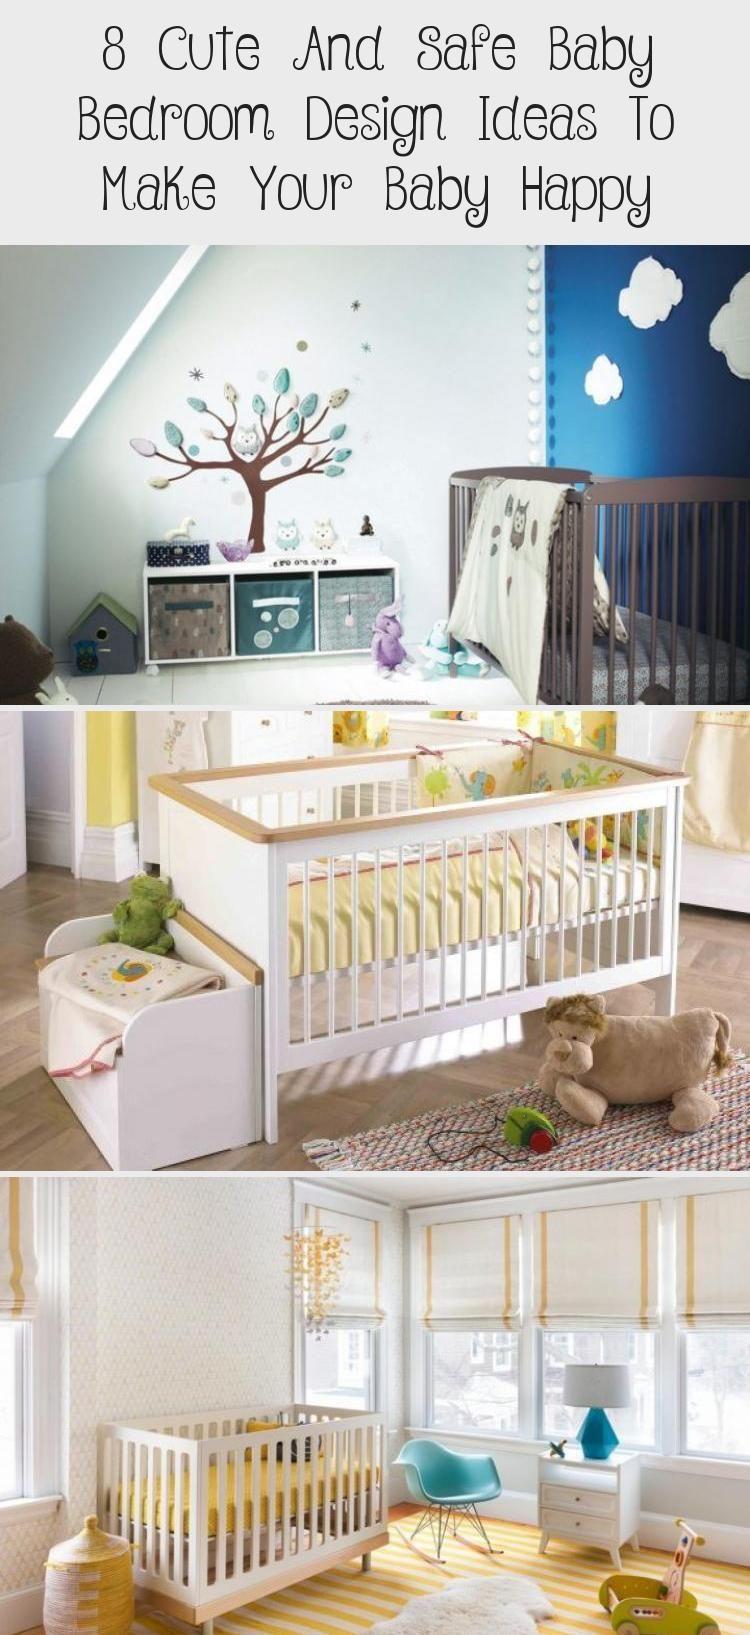 8 Nette Und Sichere Baby Schlafzimmer Entwurfs Ideen Zum Ihres